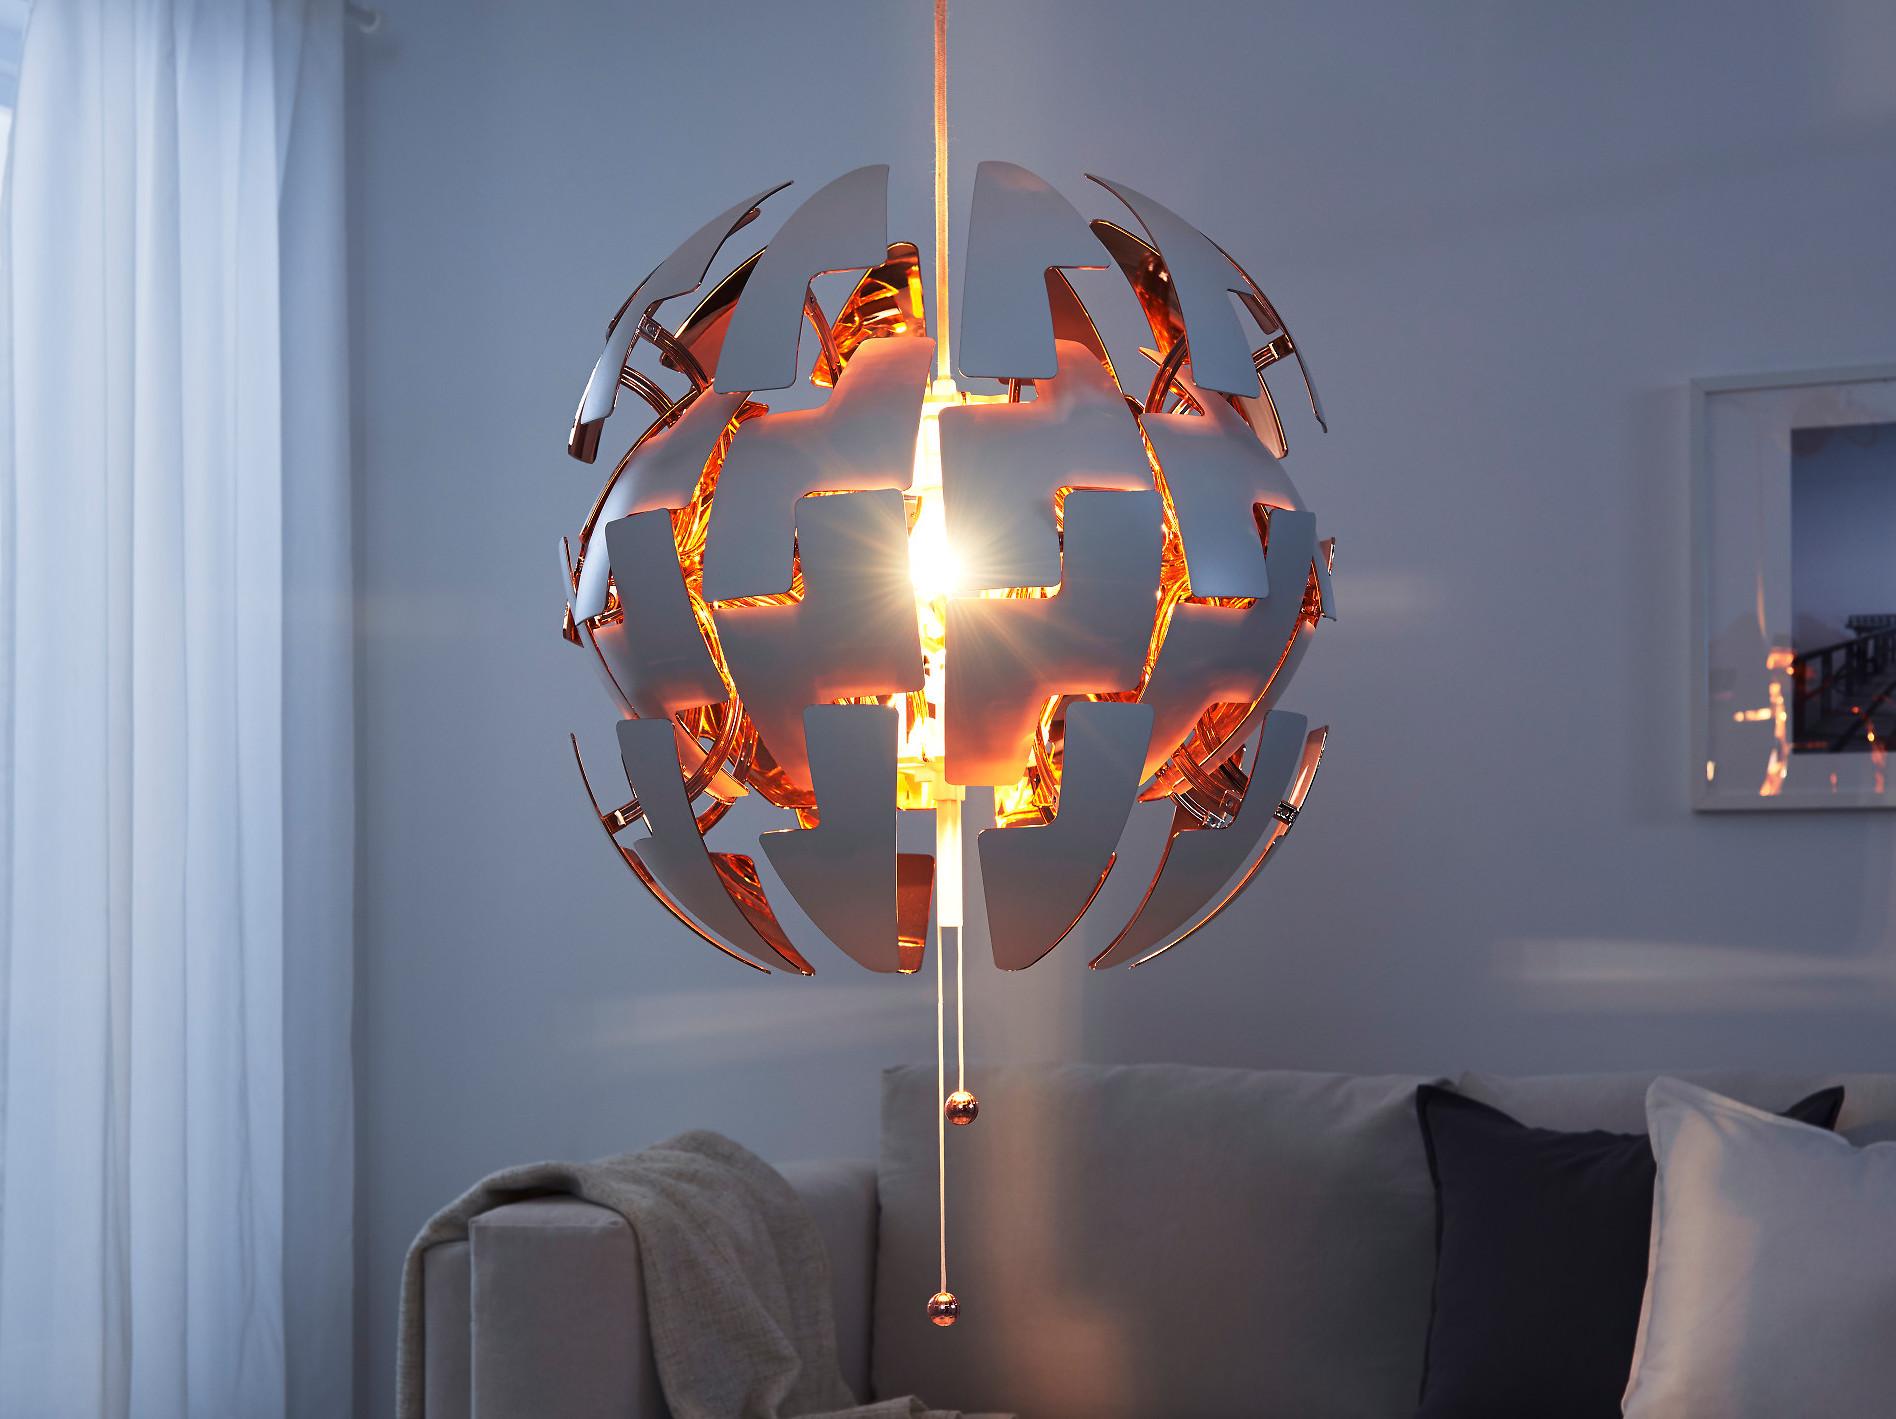 Full Size of Schnell Und Einfach Ikea Ps 2014 Mit Hue Lampe Aufwerten Deckenlampen Für Wohnzimmer Betten Bei Stehlampen Bad Lampen Led Küche Kosten Modulküche Modern Wohnzimmer Ikea Lampen